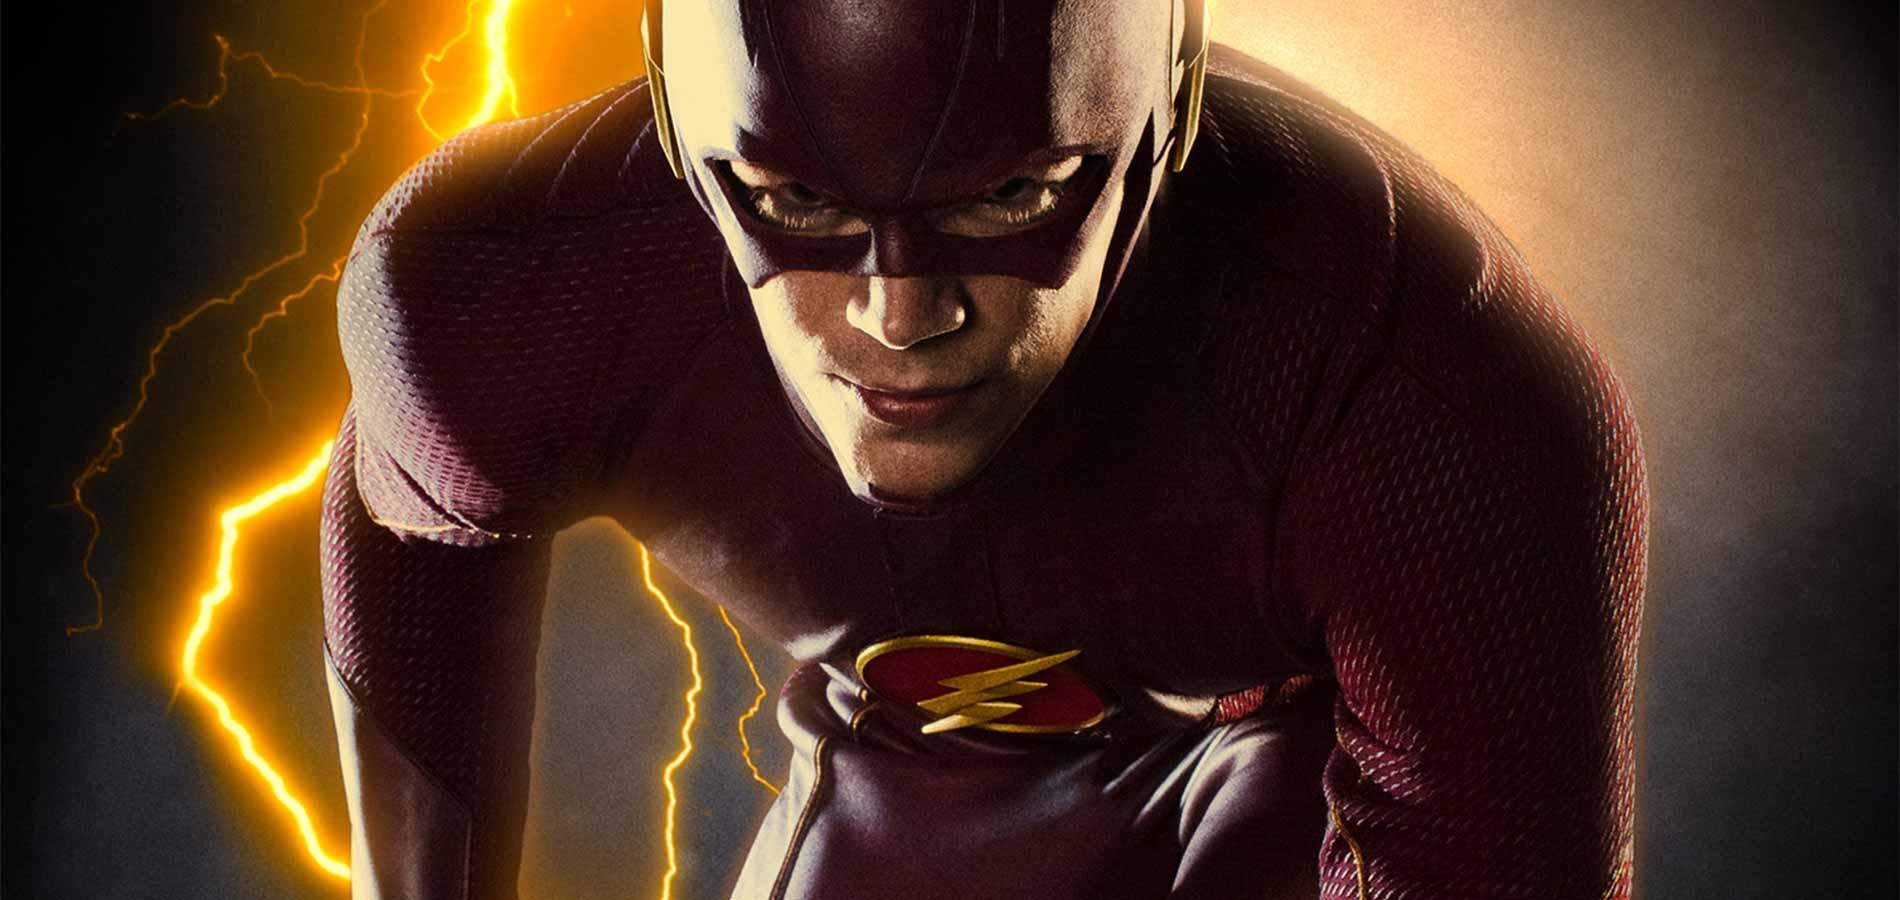 Los planes de DC para el futuro de sus películas